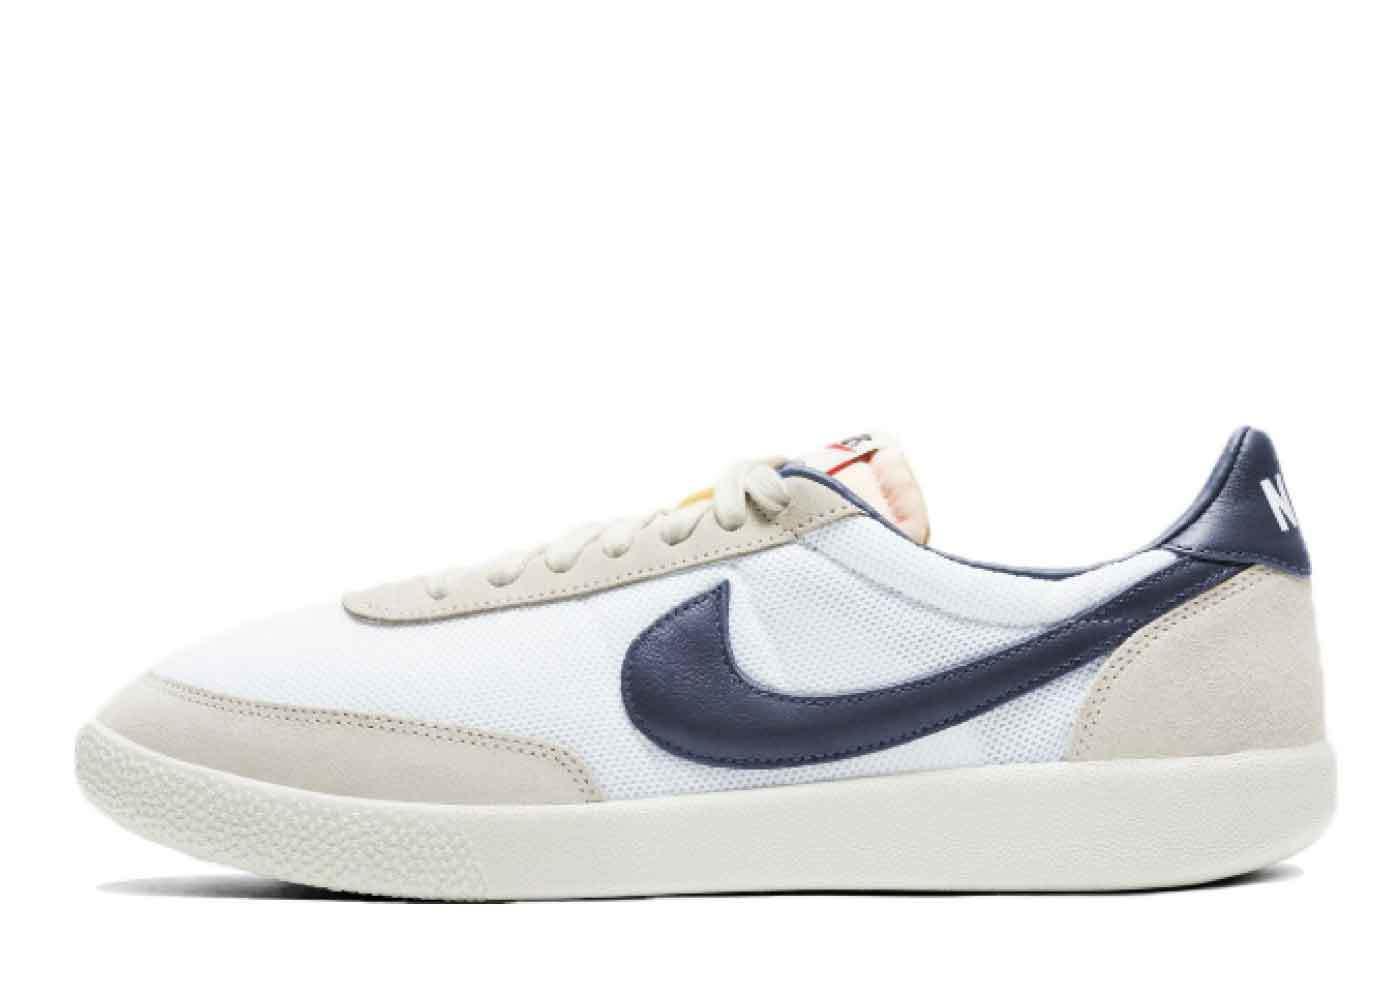 Nike Killshot OG Midnight Navyの写真